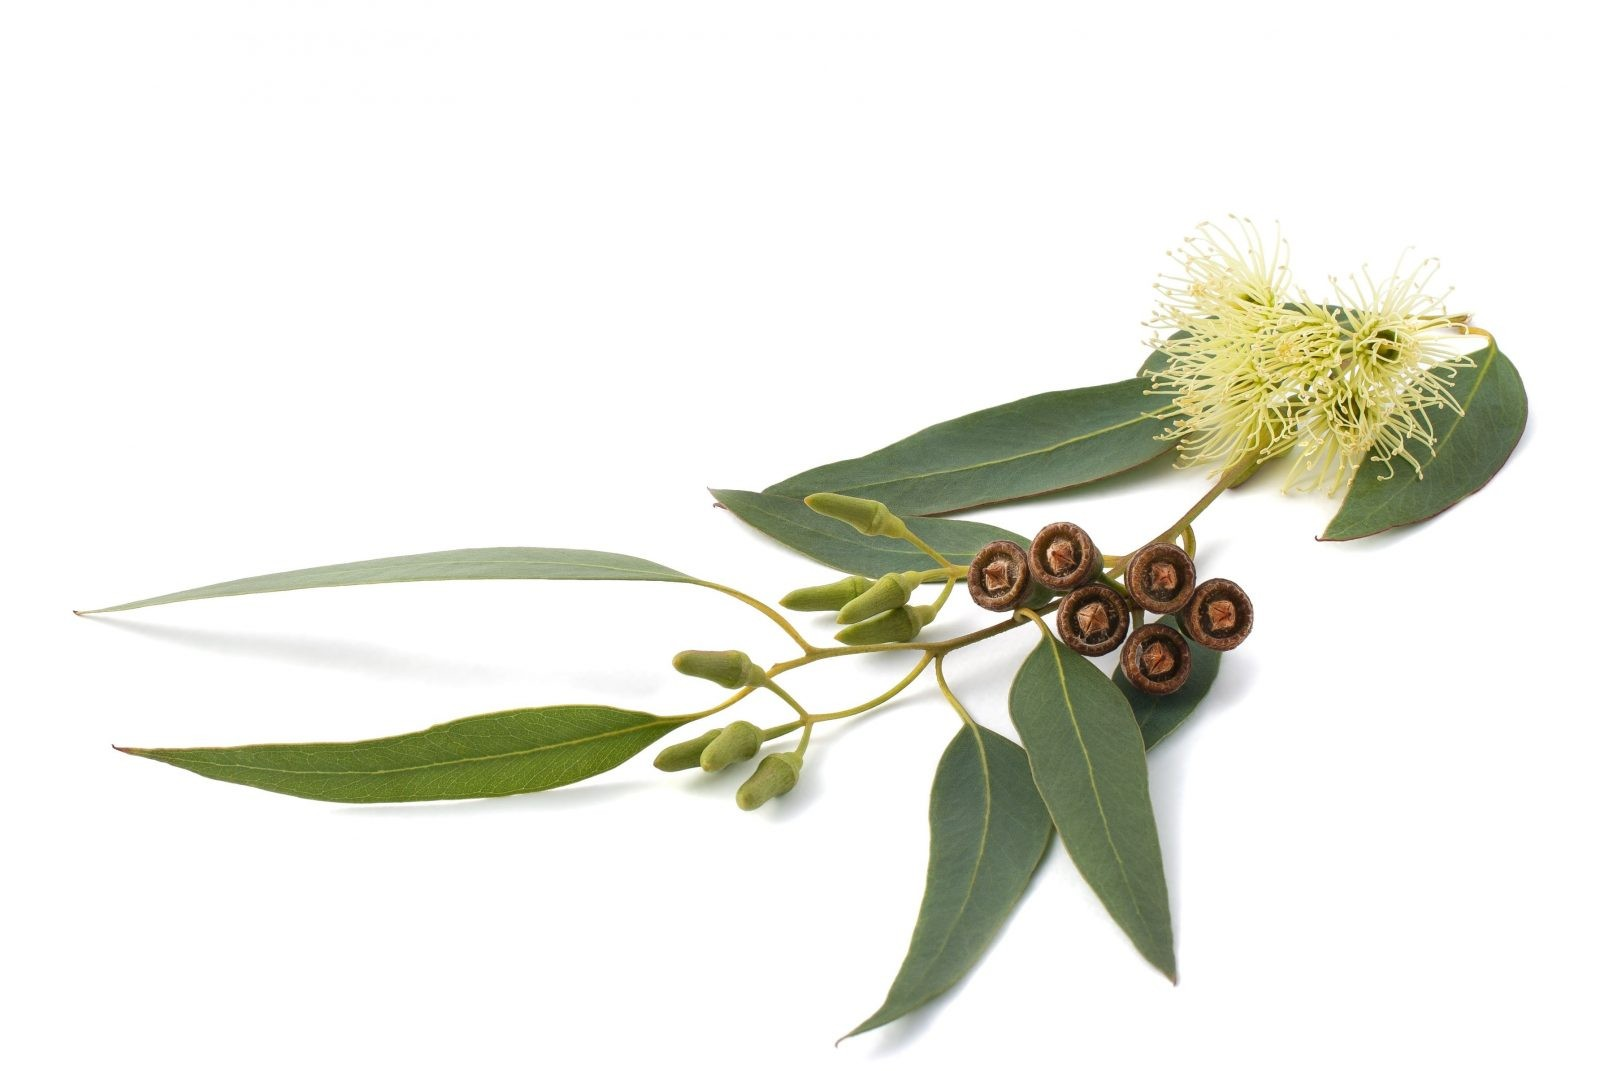 лист эвкалипта обыкновенного